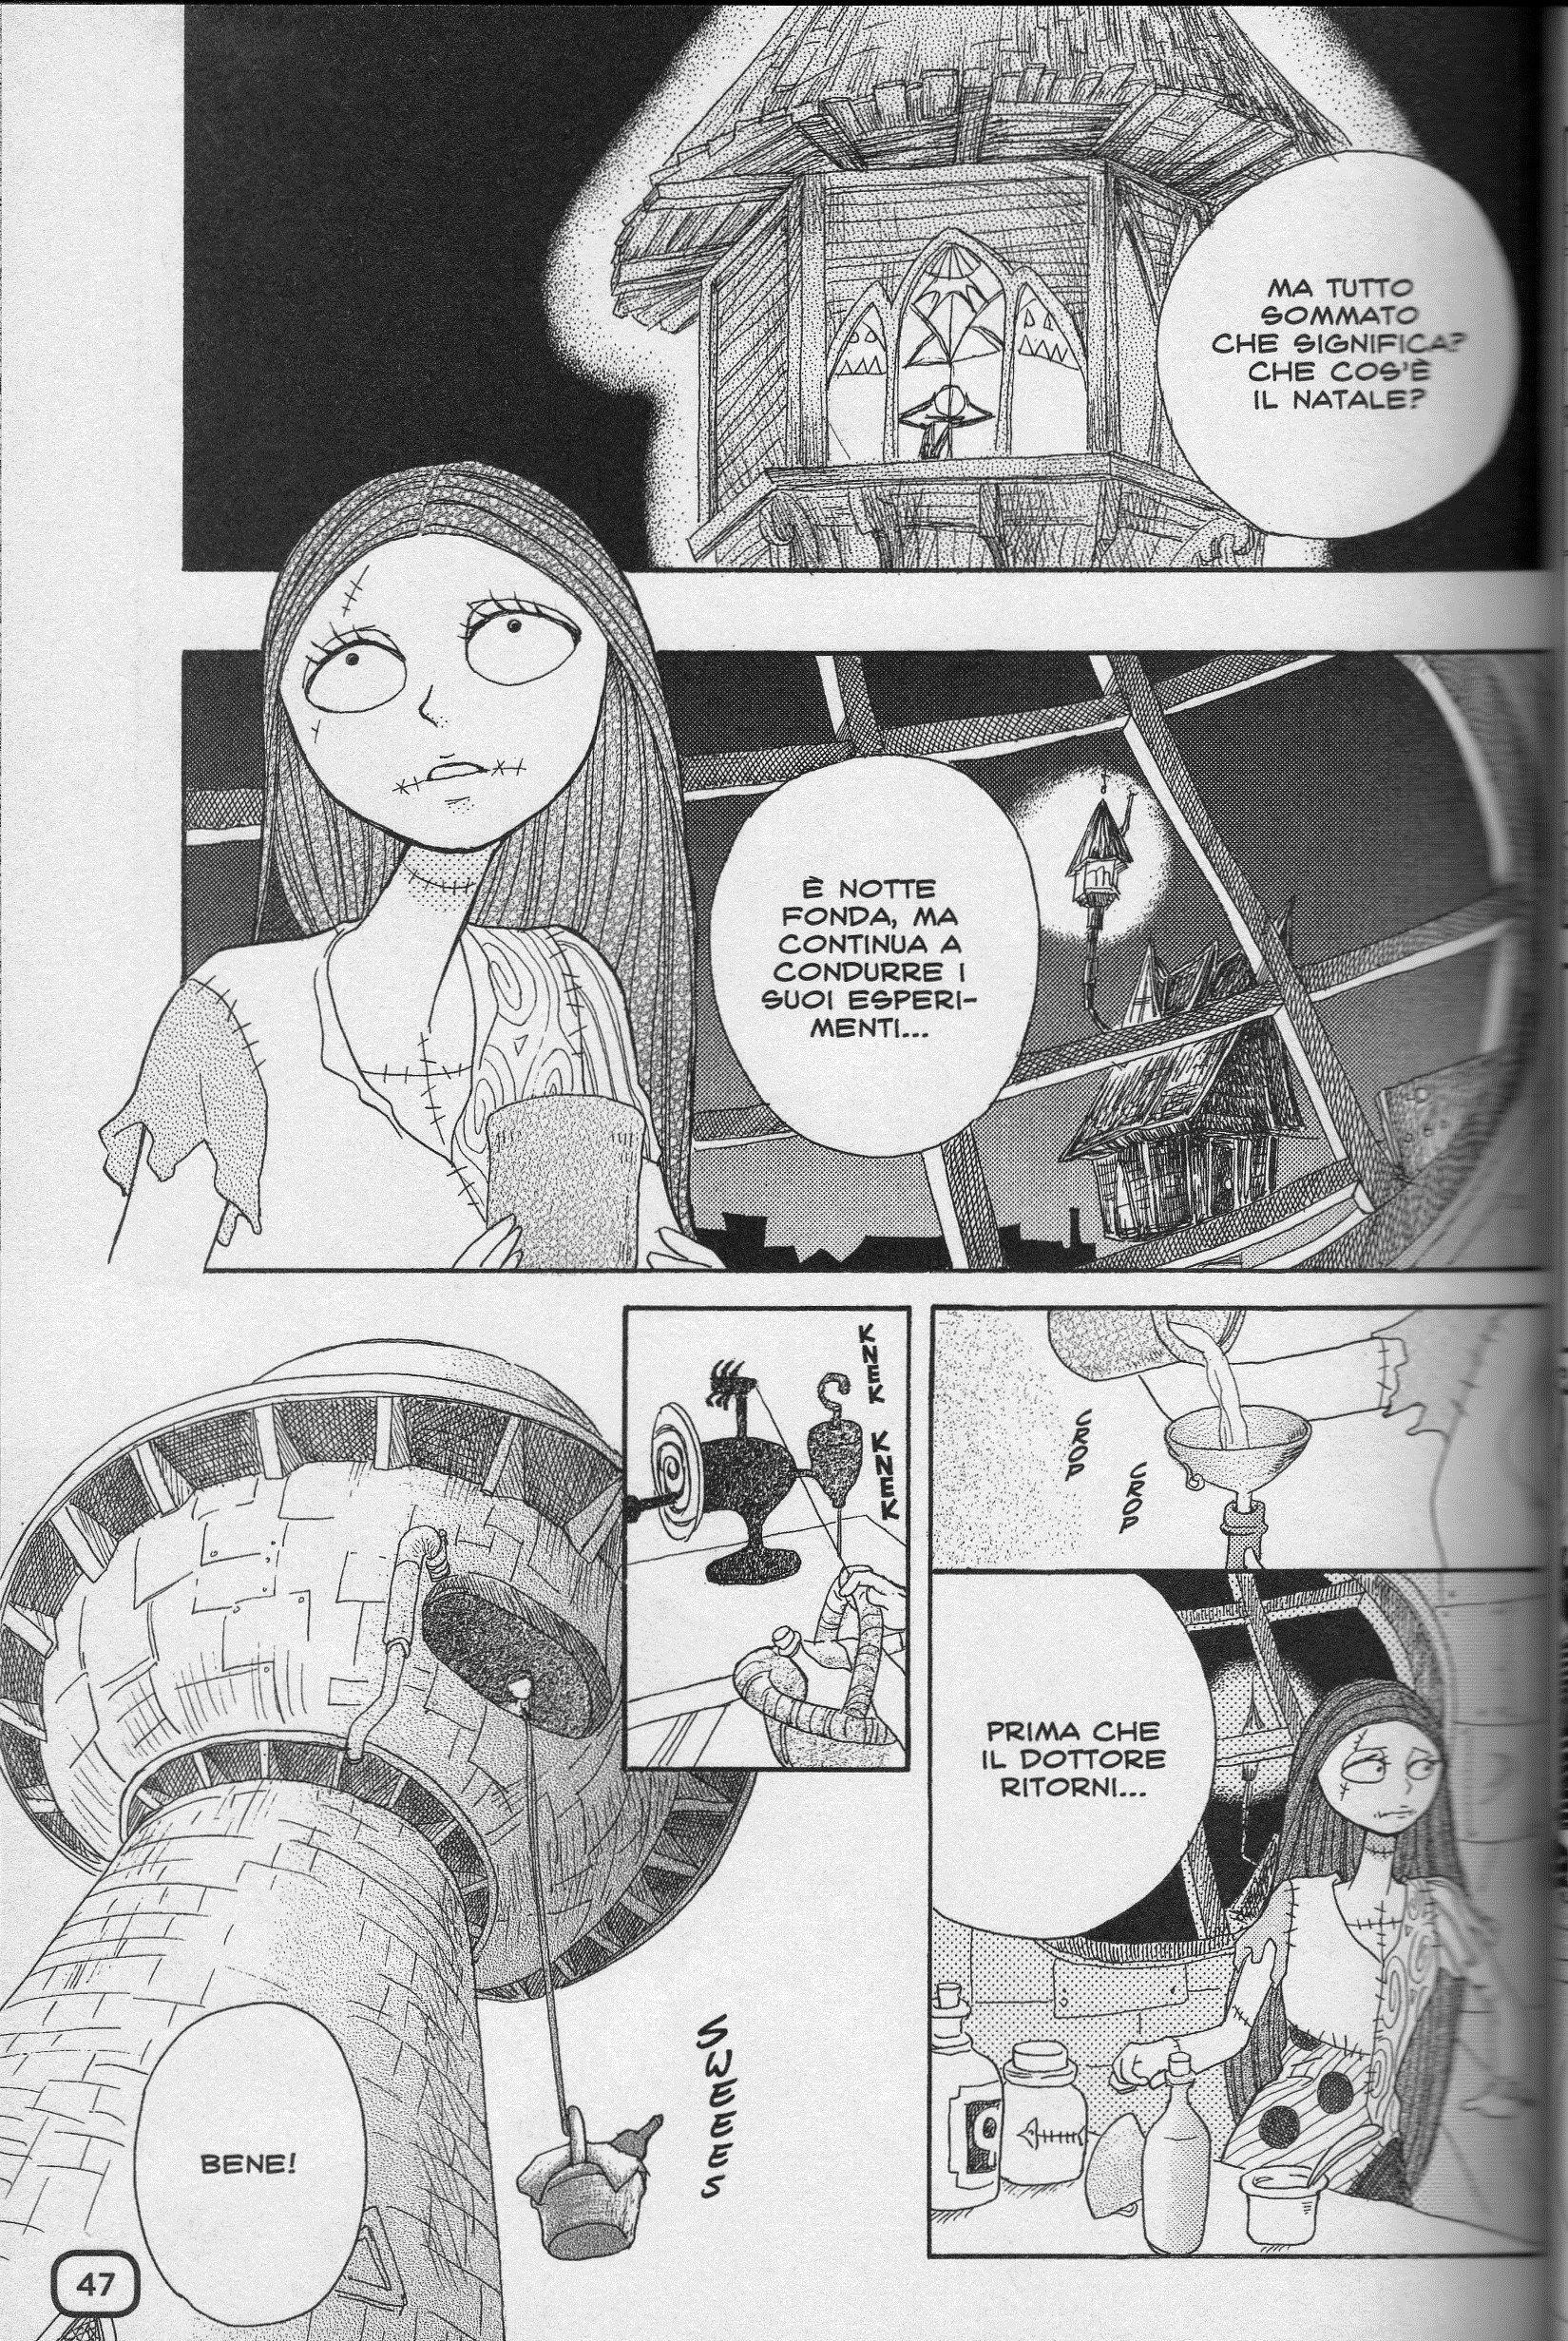 Nightmare before Christmas manga Ita_10 | Disney | Pinterest | Manga ...